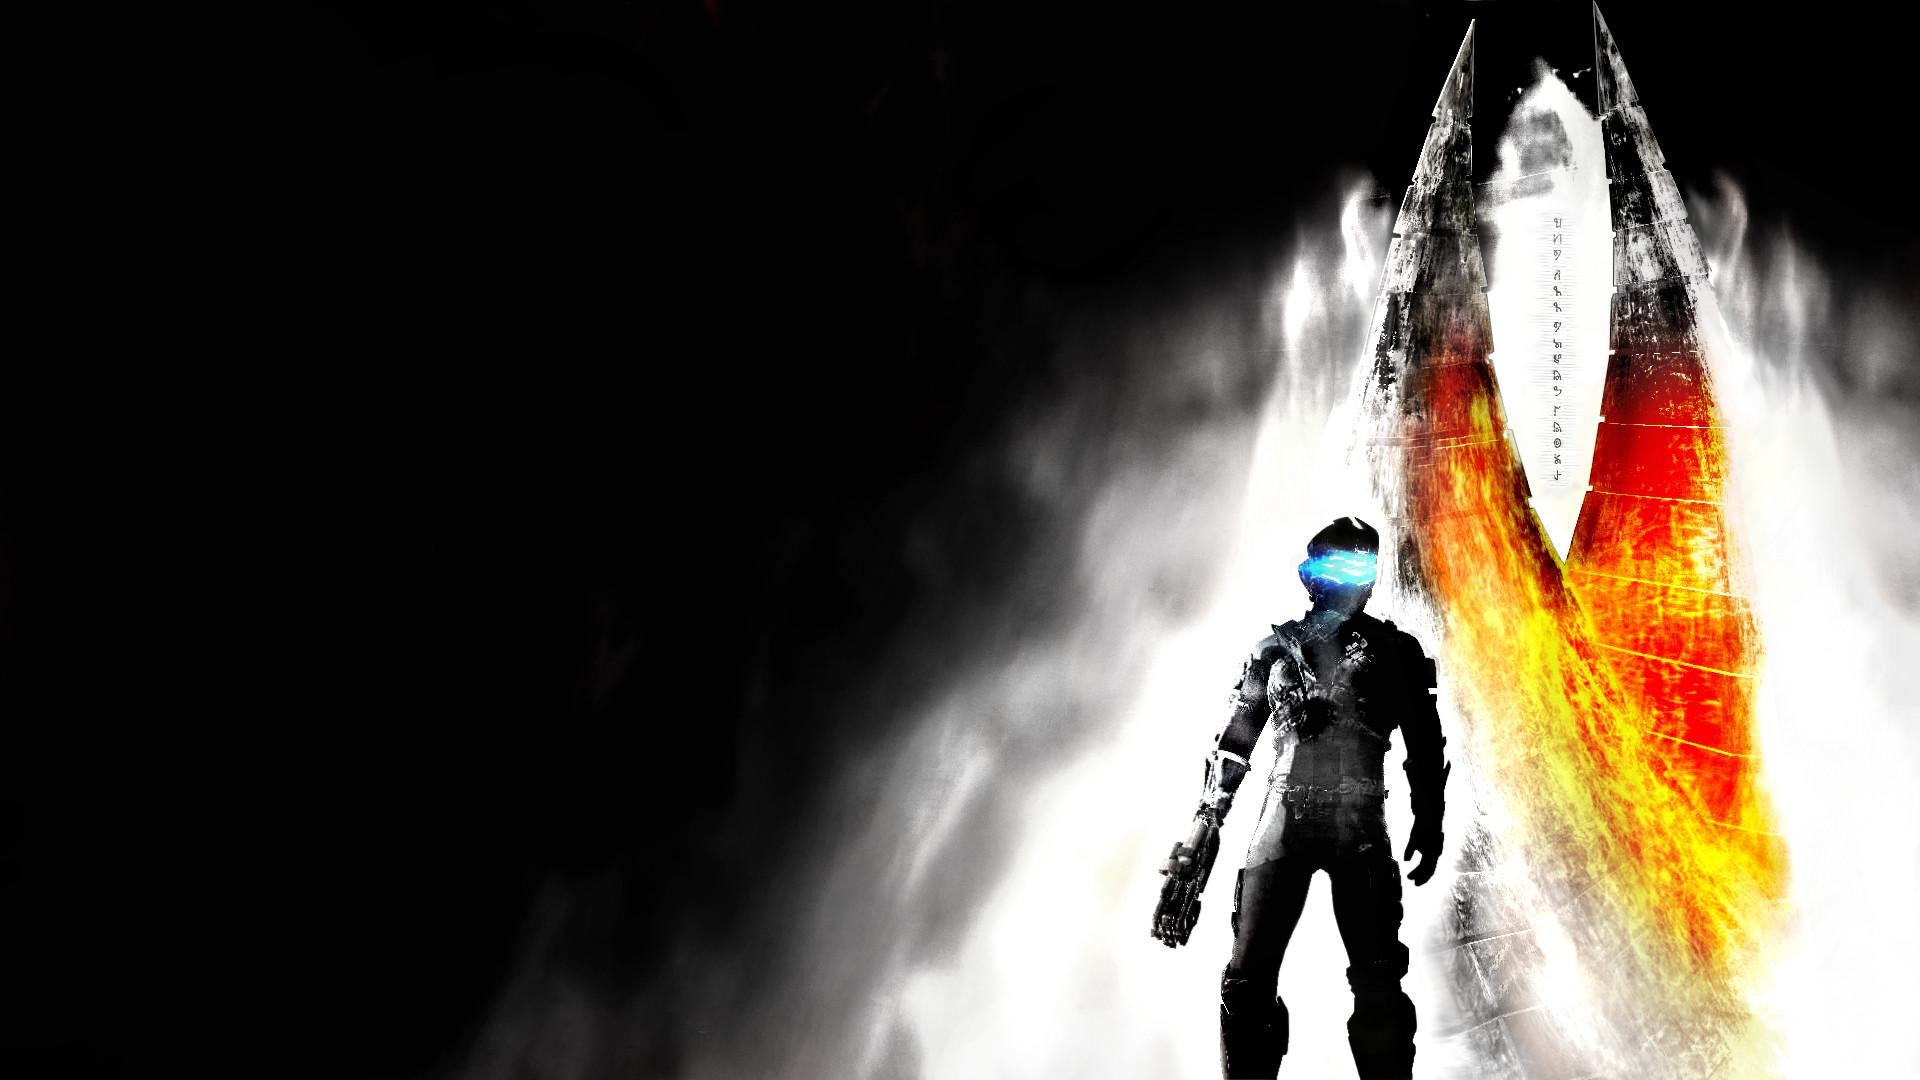 Обои Dead Space 3 игра картинки на рабочий стол на тему Космос — скачать смотреть